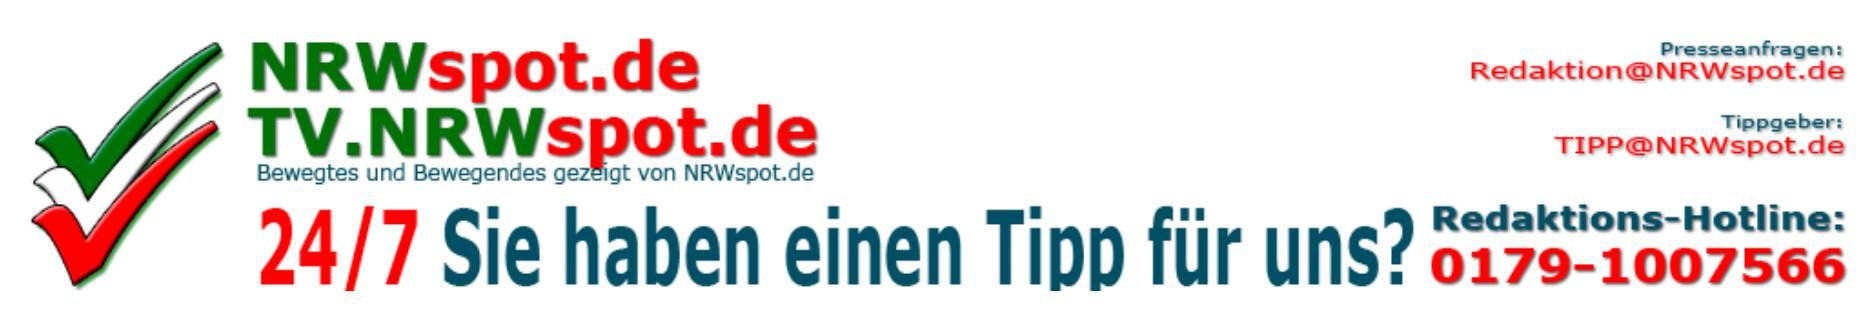 NRWspot.de